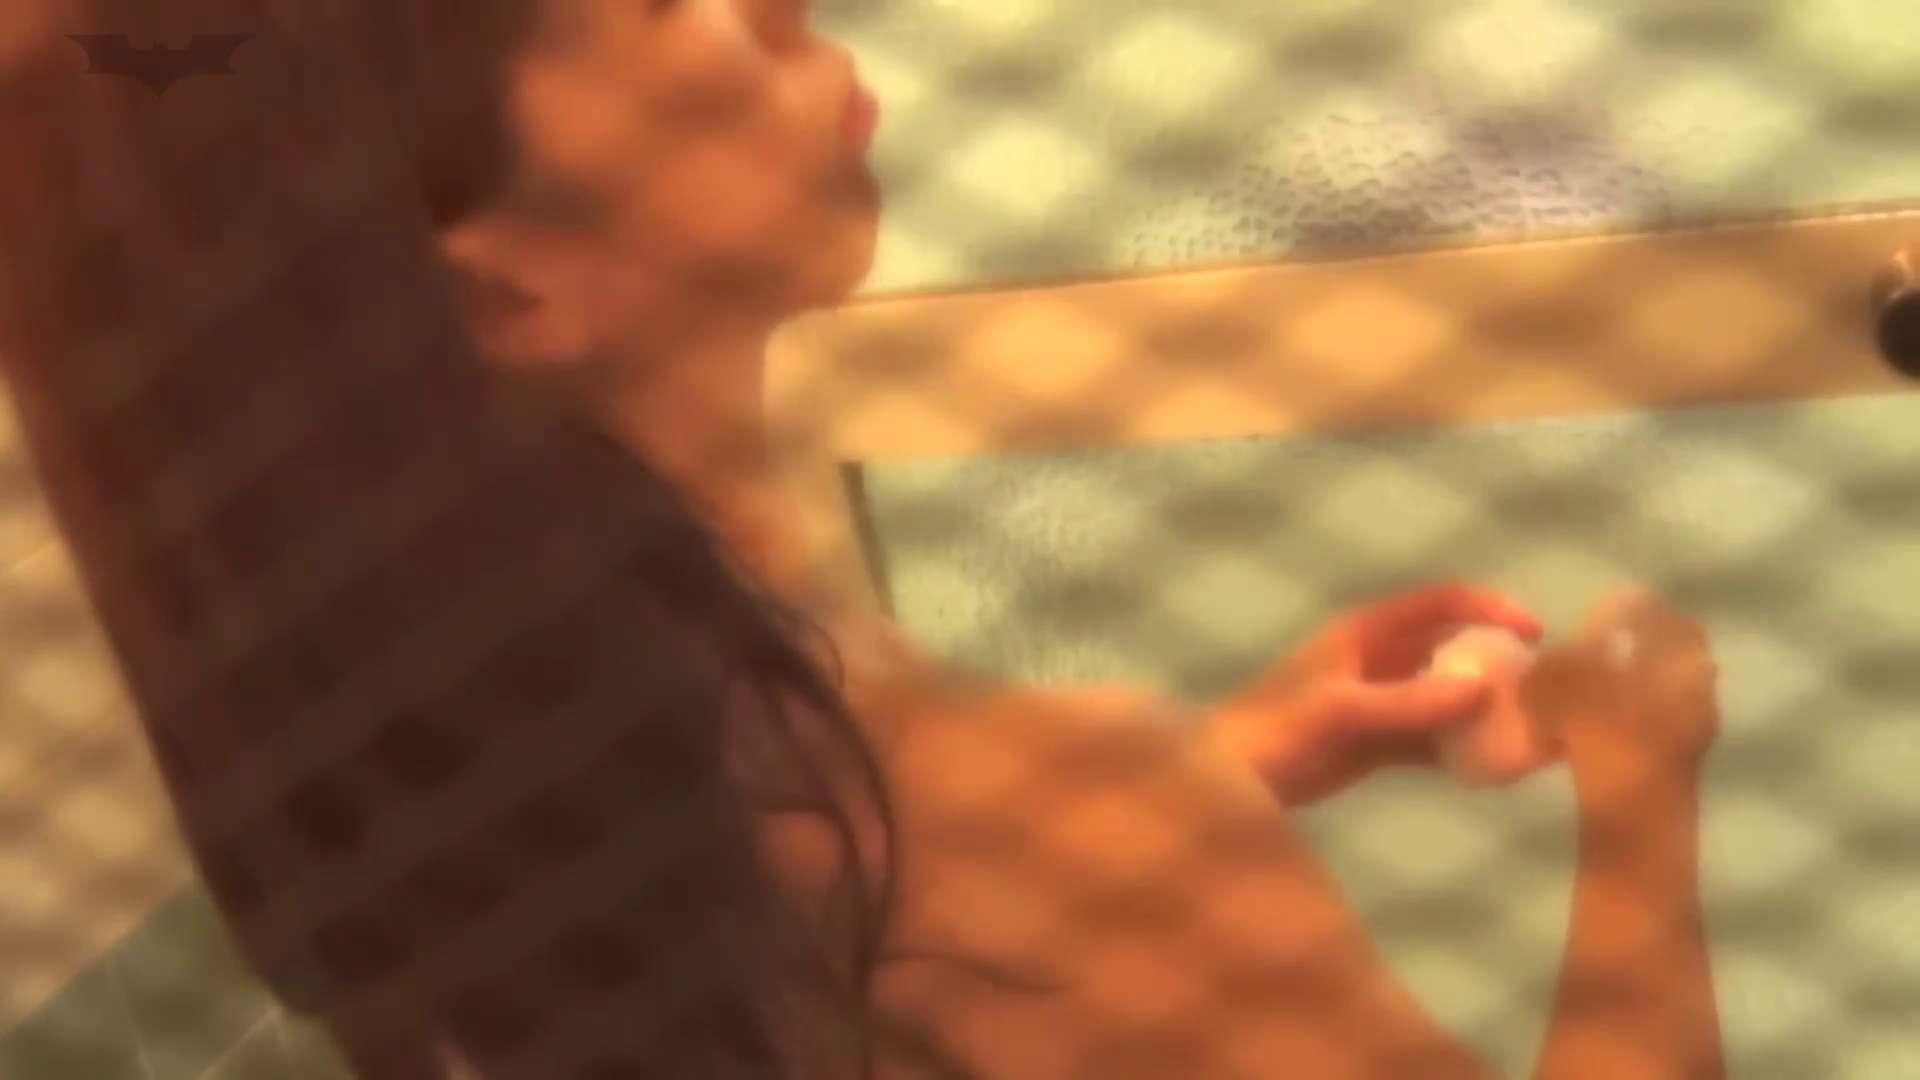 *華の女子寮ノゾキ* vol.01 JDデビューした音楽専攻のコ 女子大生達のヌード | 女子寮潜入  50連発 32